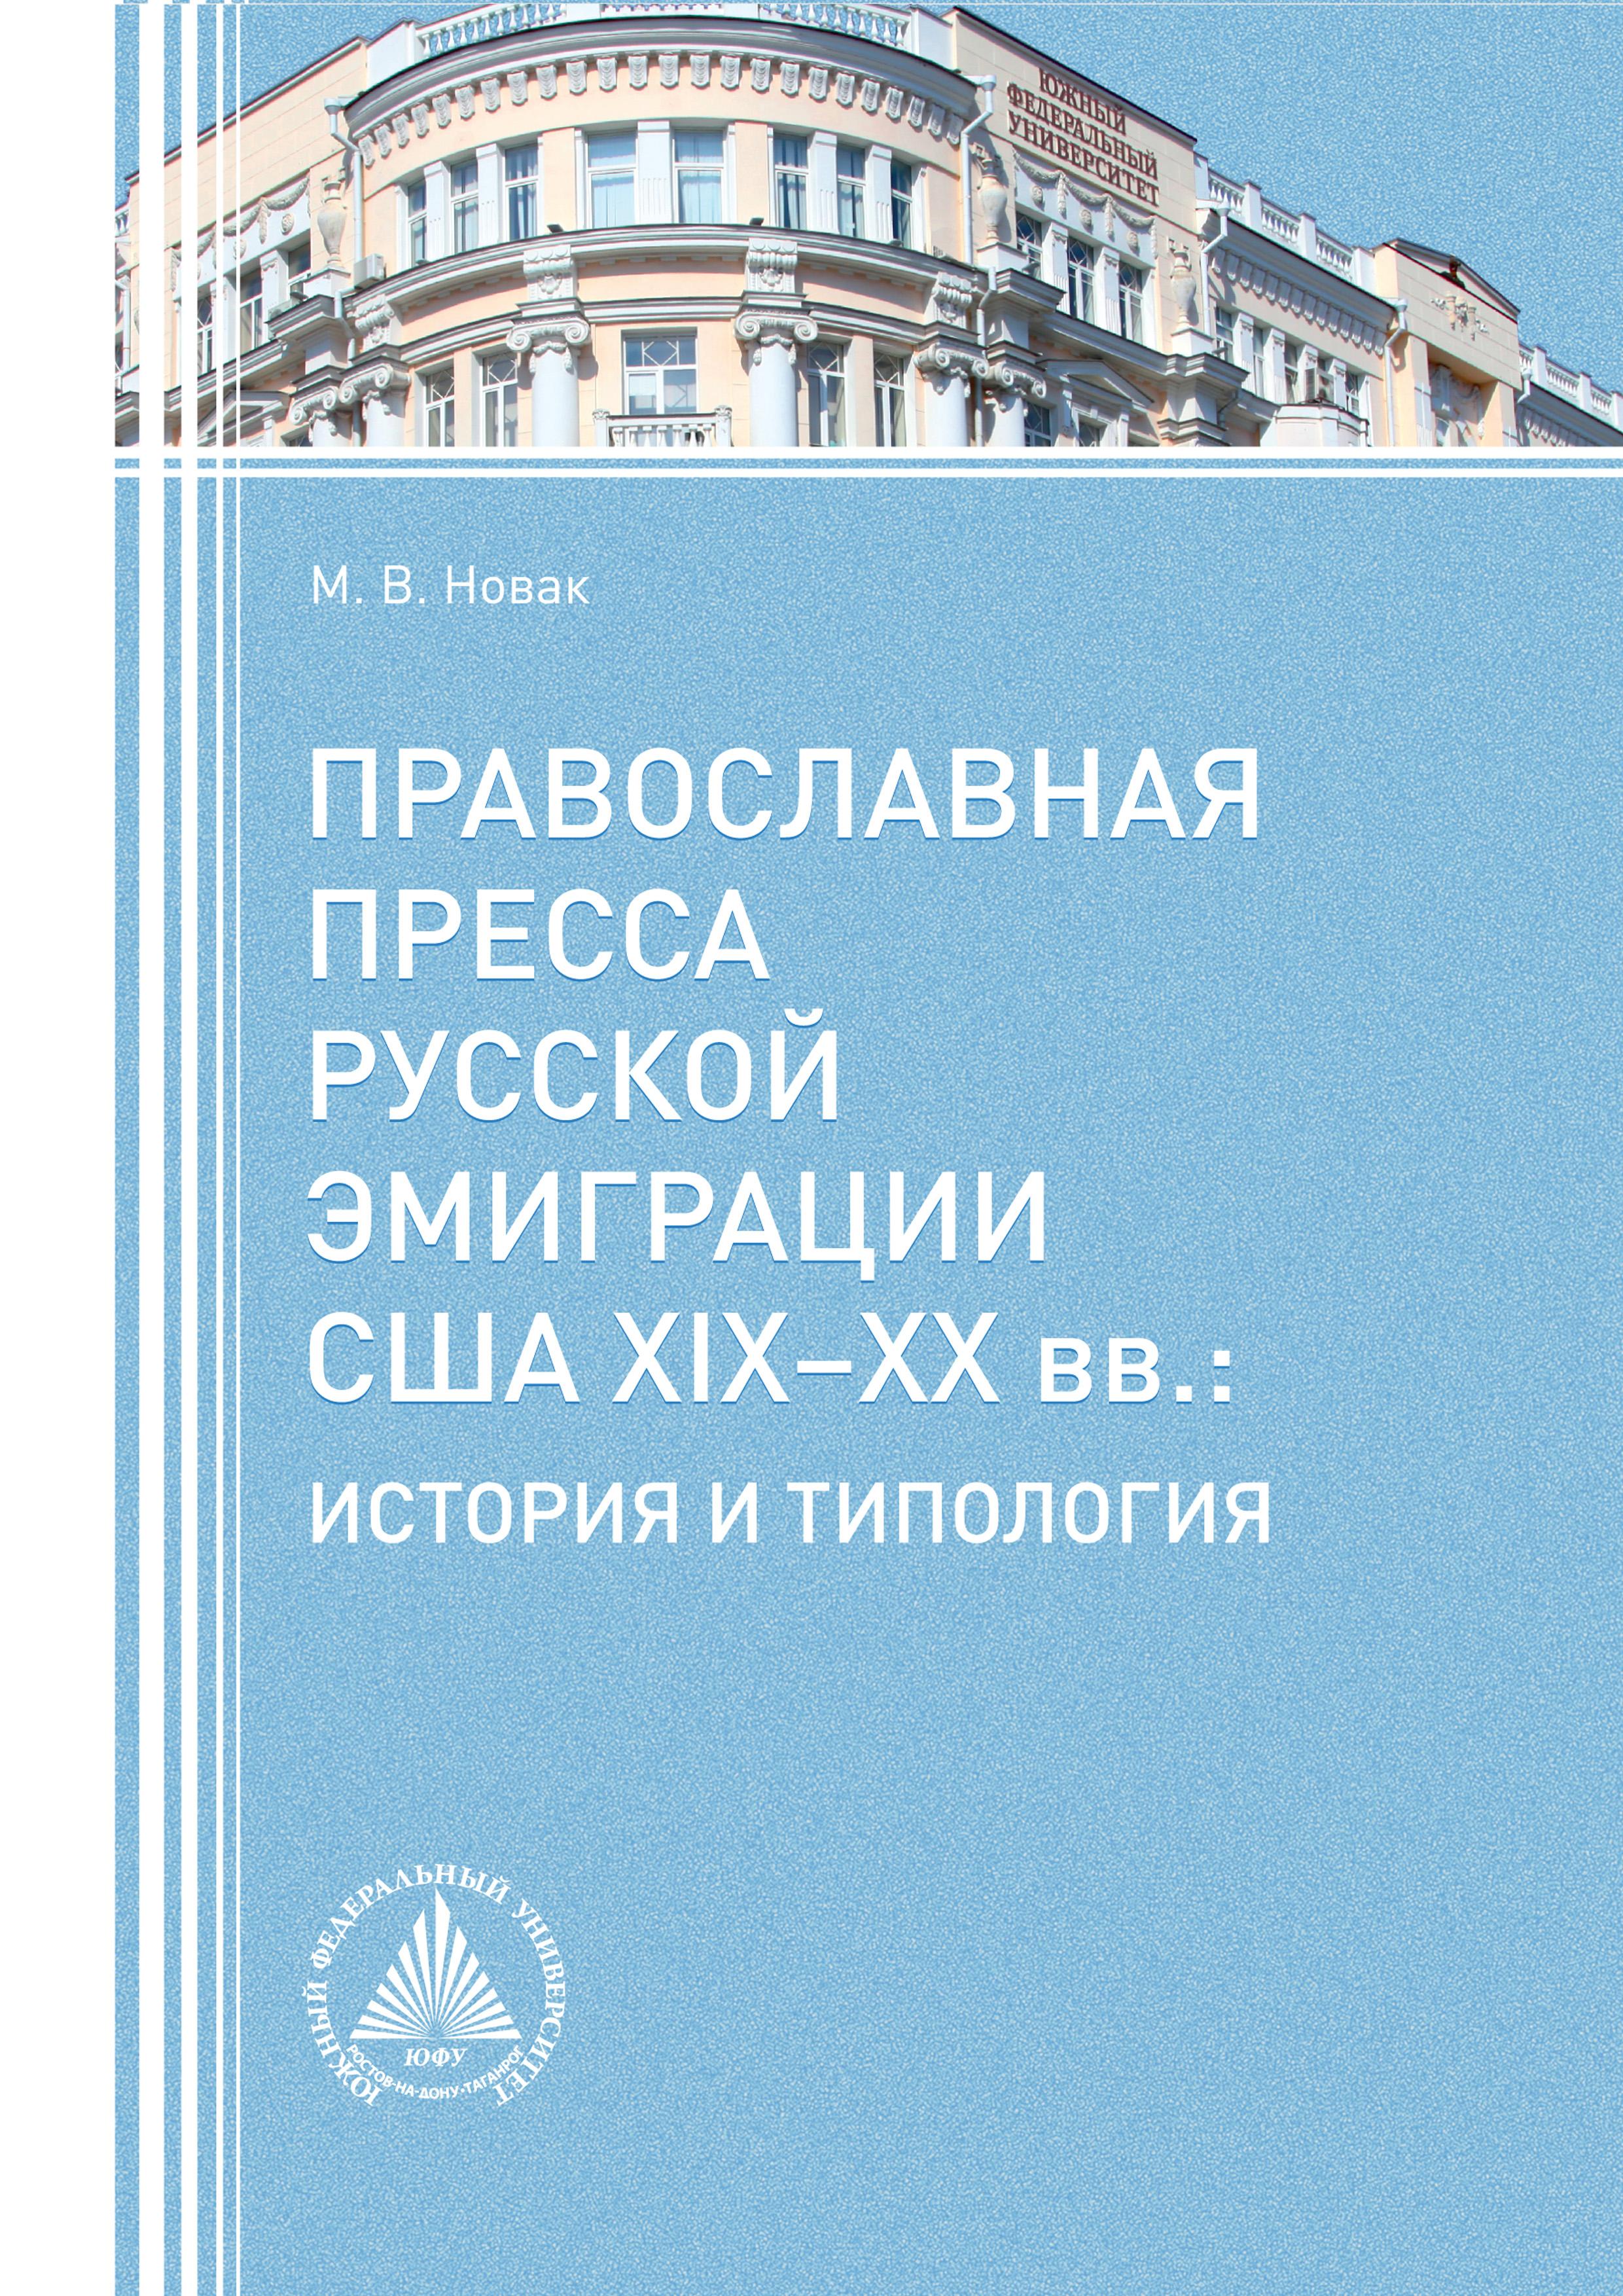 М. В. Новак Православная пресса русской эмиграции США XIX−XX вв. История и типология цены